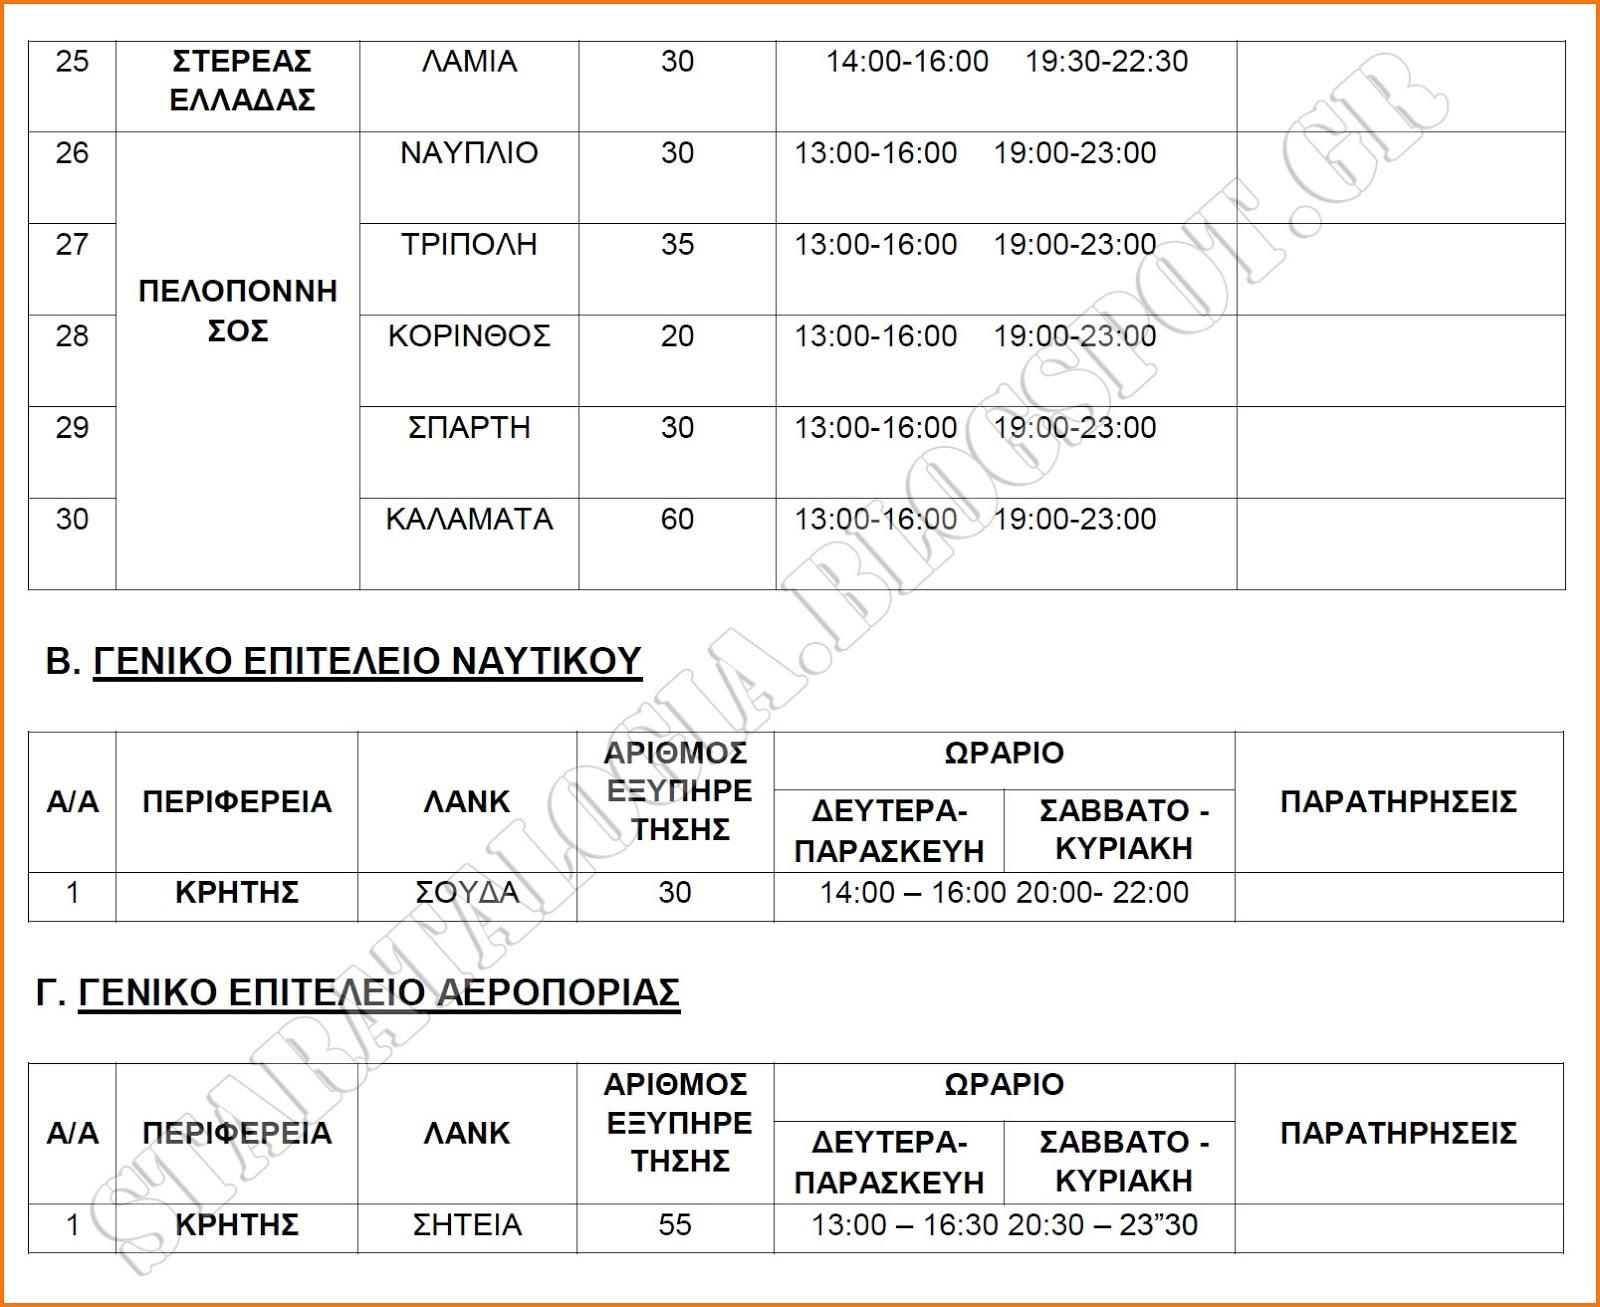 Σίτιση αναπληρωτών εκπαιδευτικών σε Στρατιωτικές Λέσχες (ΕΓΓΡΑΦΟ-ΠΙΝΑΚΕΣ) - Φωτογραφία 3